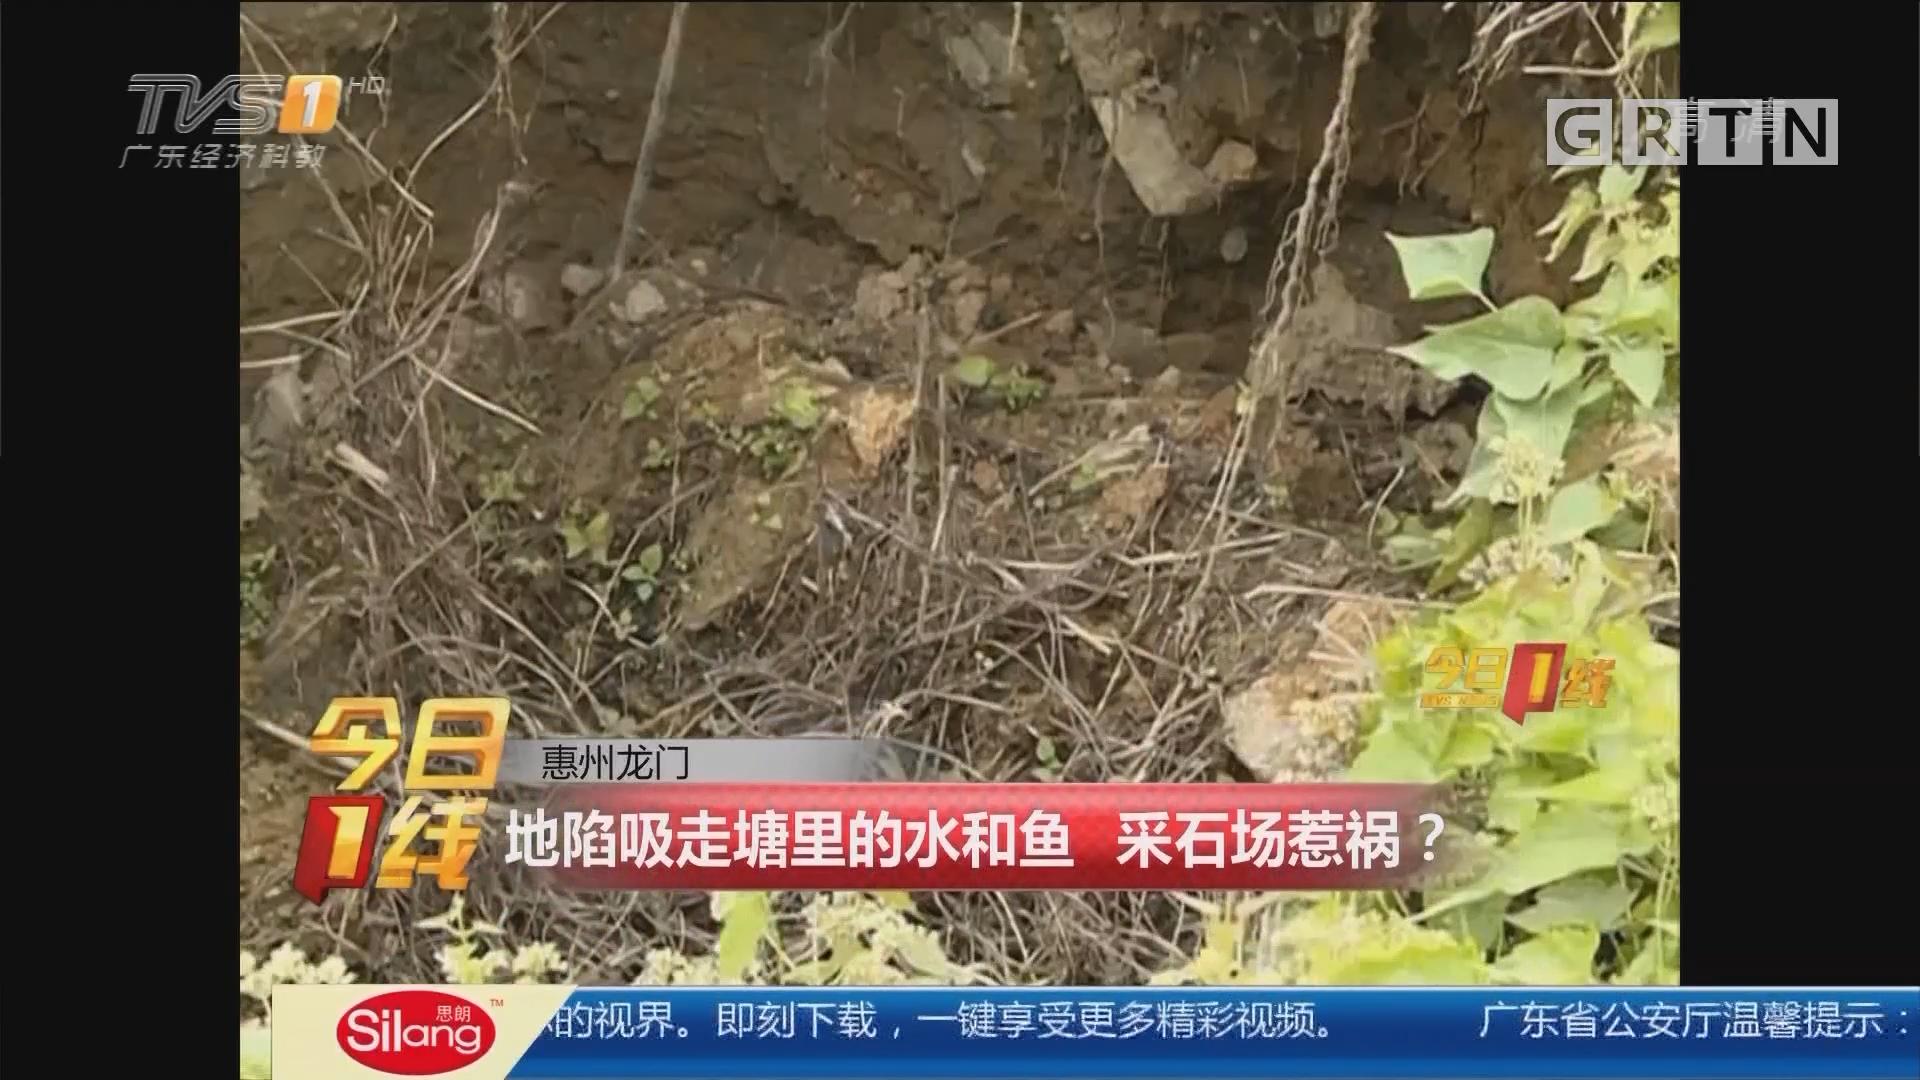 惠州龙门:地陷吸走塘里的水和鱼 采石场惹祸?